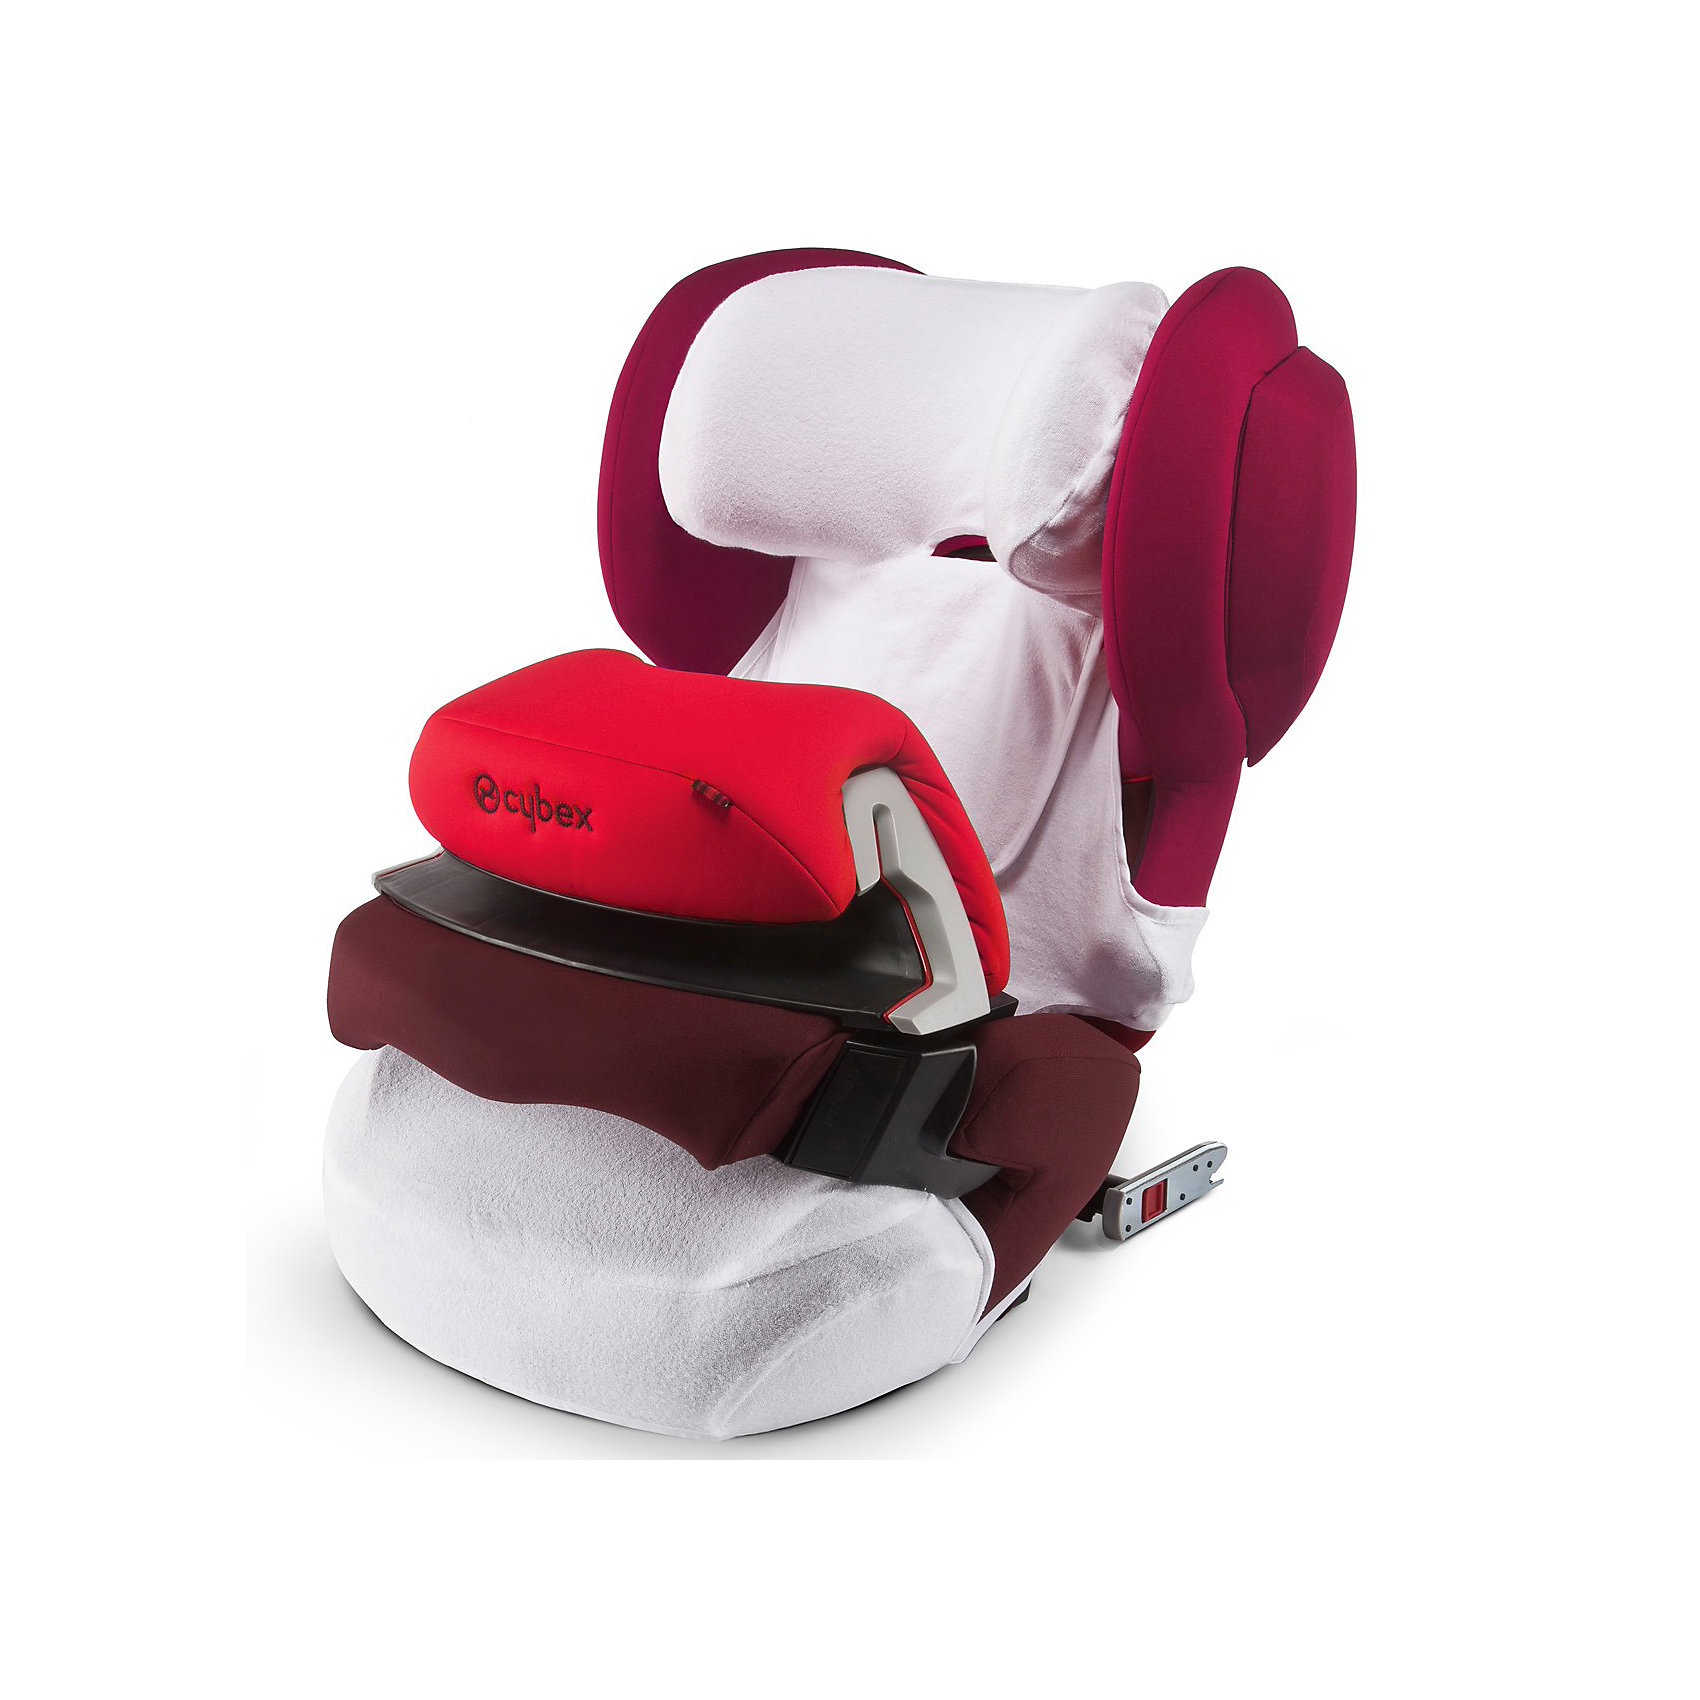 Летний чехол для Juno-Fix, CybexАксессуары<br>Даже хорошее автокресло требует определенного ухода, чтобы малыш ездил в чистоте и комфорте. Для автокресел Cybex Juno-Fix производитель создал специальный чехол.<br>Он защищает ребенка в автокресле от перегревания в жаркие дни, легко стирается, сделан из приятной на ощупь ткани, впитывает влагу,  защищает обивку кресла от загрязнения, обладает антибактериальными свойствами. Изделие произведено из качественных и безопасных для малышей материалов, оно соответствуют всем современным требованиям безопасности. Оно отлично показало себя на краш-тестах.<br> <br>Дополнительная информация:<br><br>материал: текстиль;<br>легкий;<br>поверхность пропускает воздух;<br>легко снять и выстирать;<br>подходит для автокресла Juno-Fix и модификаций.<br><br>Летний чехол для Juno-Fix от компании Cybex можно купить в нашем магазине.<br><br>Ширина мм: 201<br>Глубина мм: 225<br>Высота мм: 63<br>Вес г: 196<br>Цвет: белый<br>Возраст от месяцев: 9<br>Возраст до месяцев: 36<br>Пол: Унисекс<br>Возраст: Детский<br>SKU: 3779381